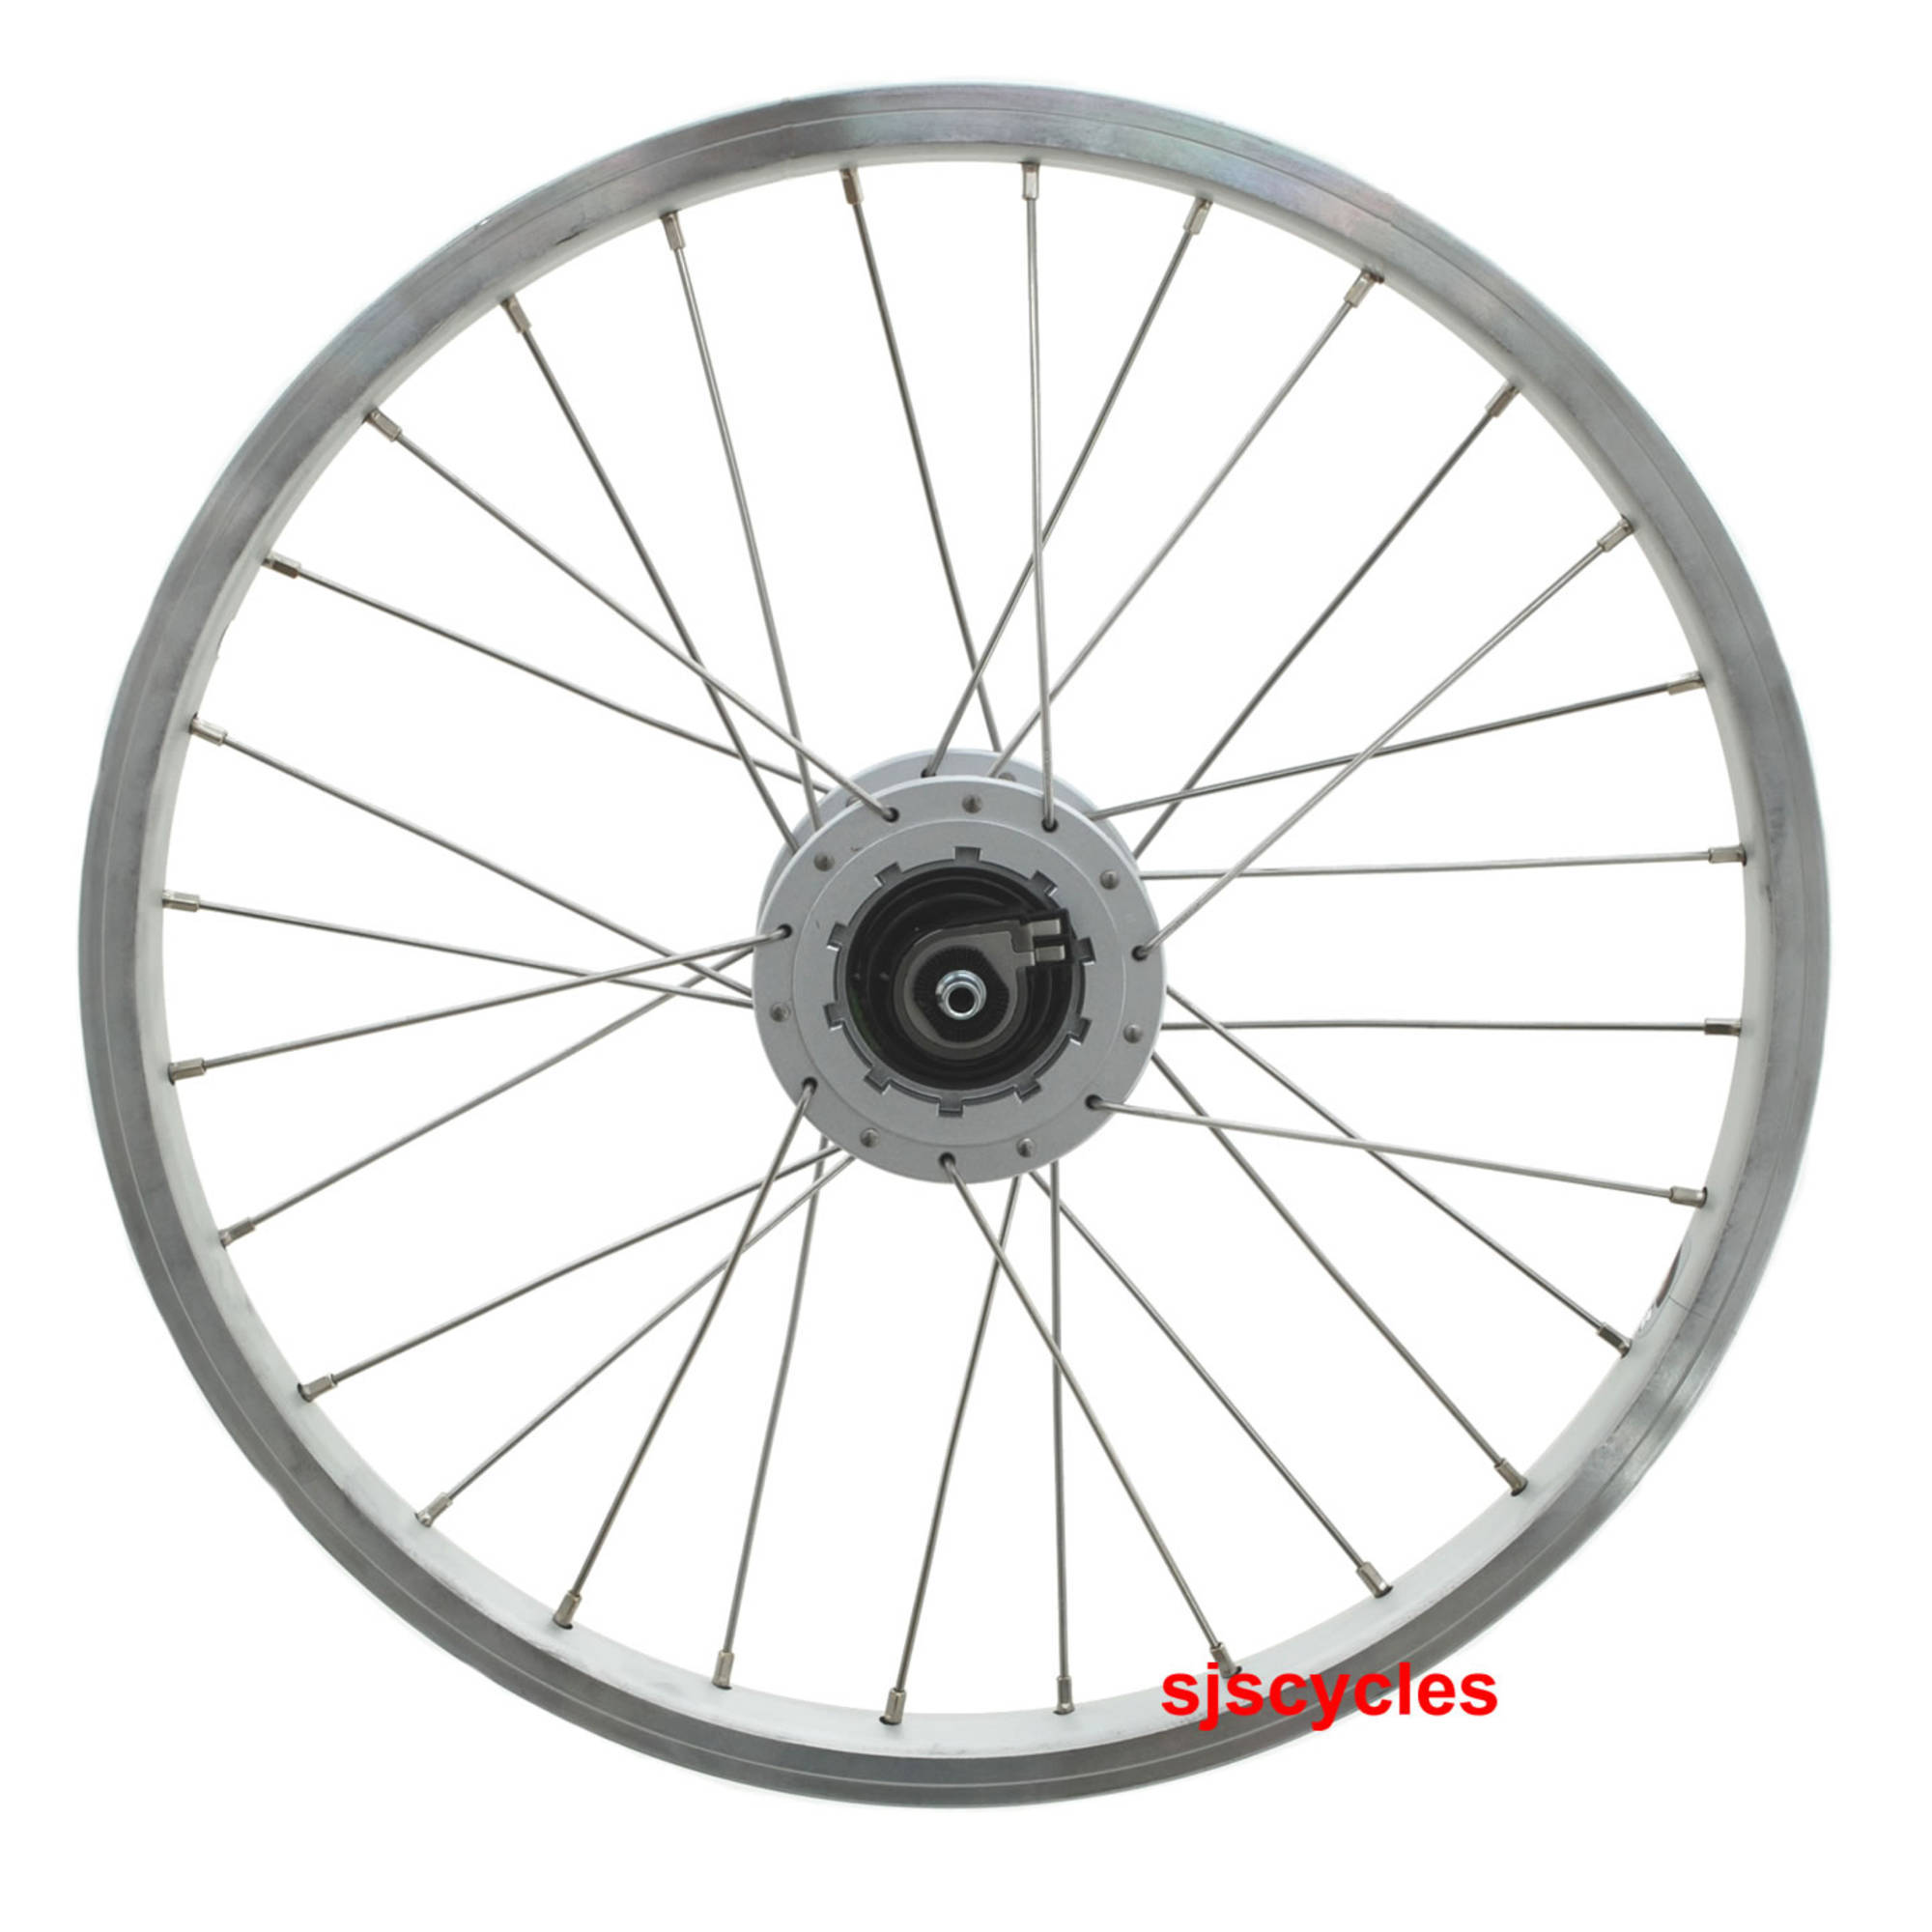 Jante et rayon : améliorer les roues du Brompton - Page 2 22348